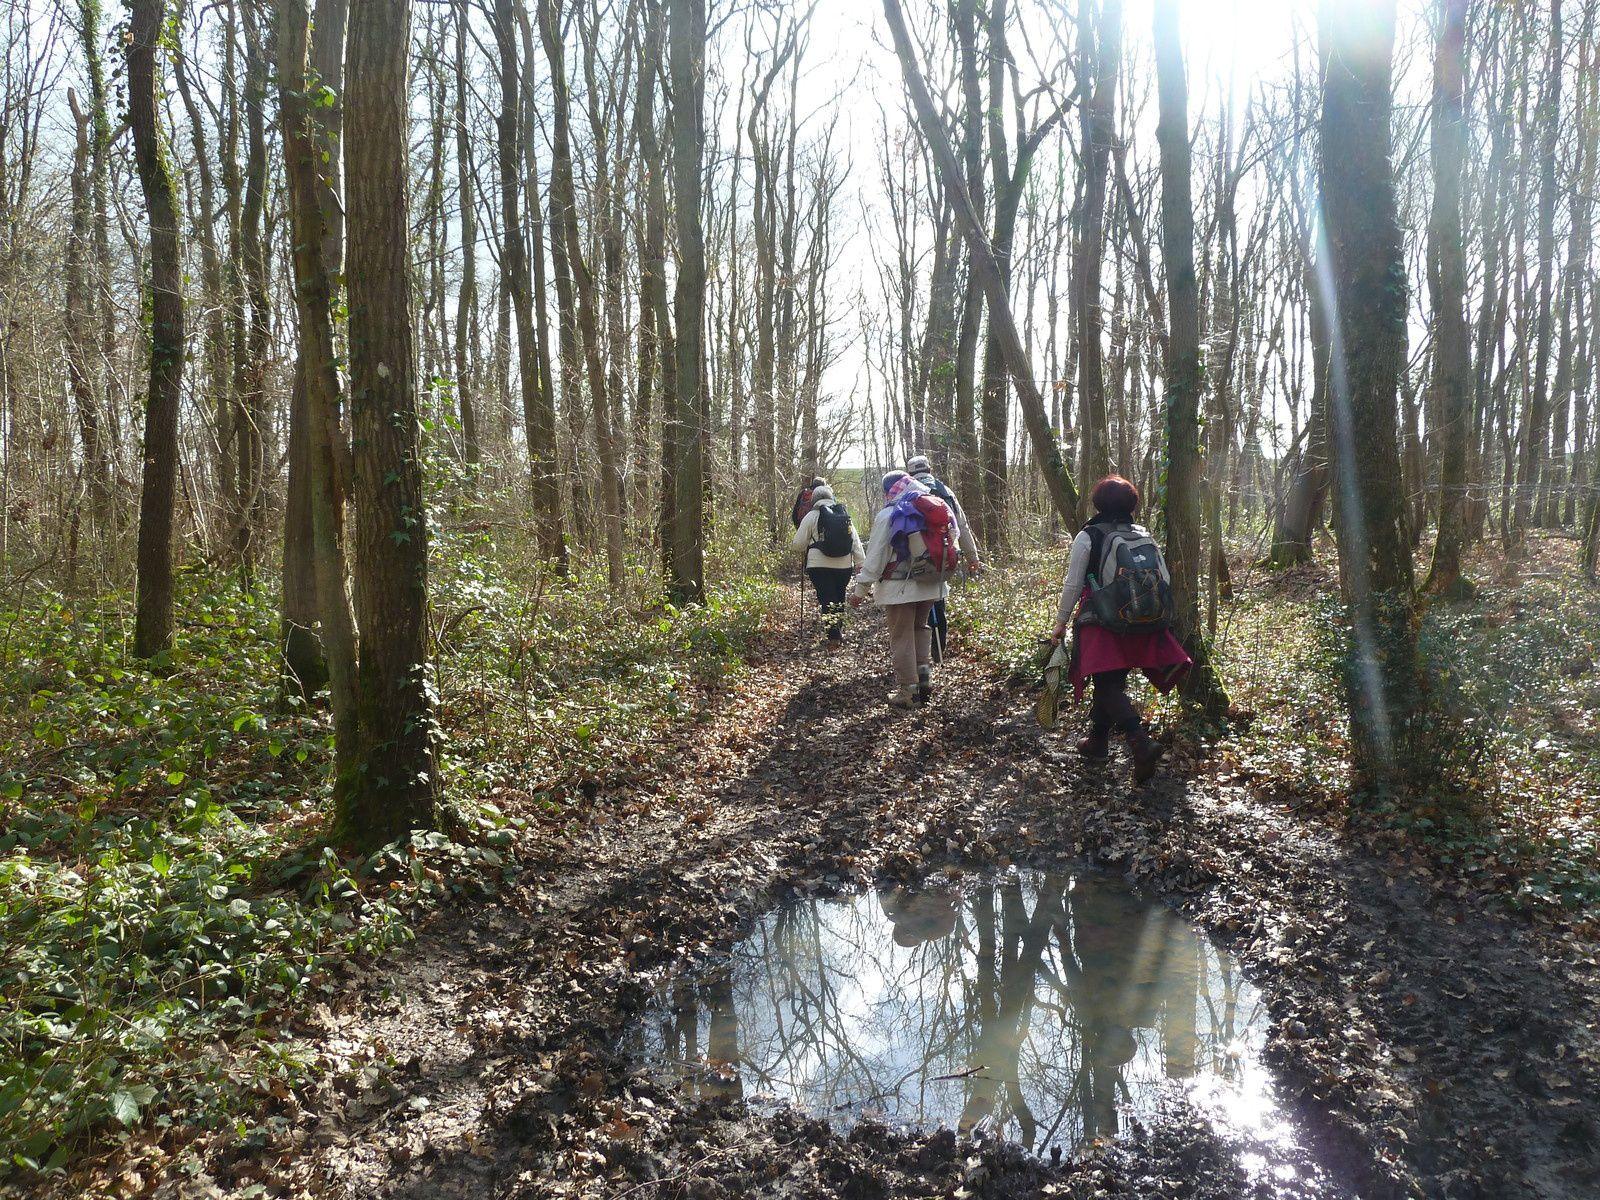 L'avancée est difficile le sentier est noyé d'eau, la boue colle aux pieds, nous devons marcher sur le côté en nous agrippant parfois aux arbres pour ne pas perdre l'équilibre...